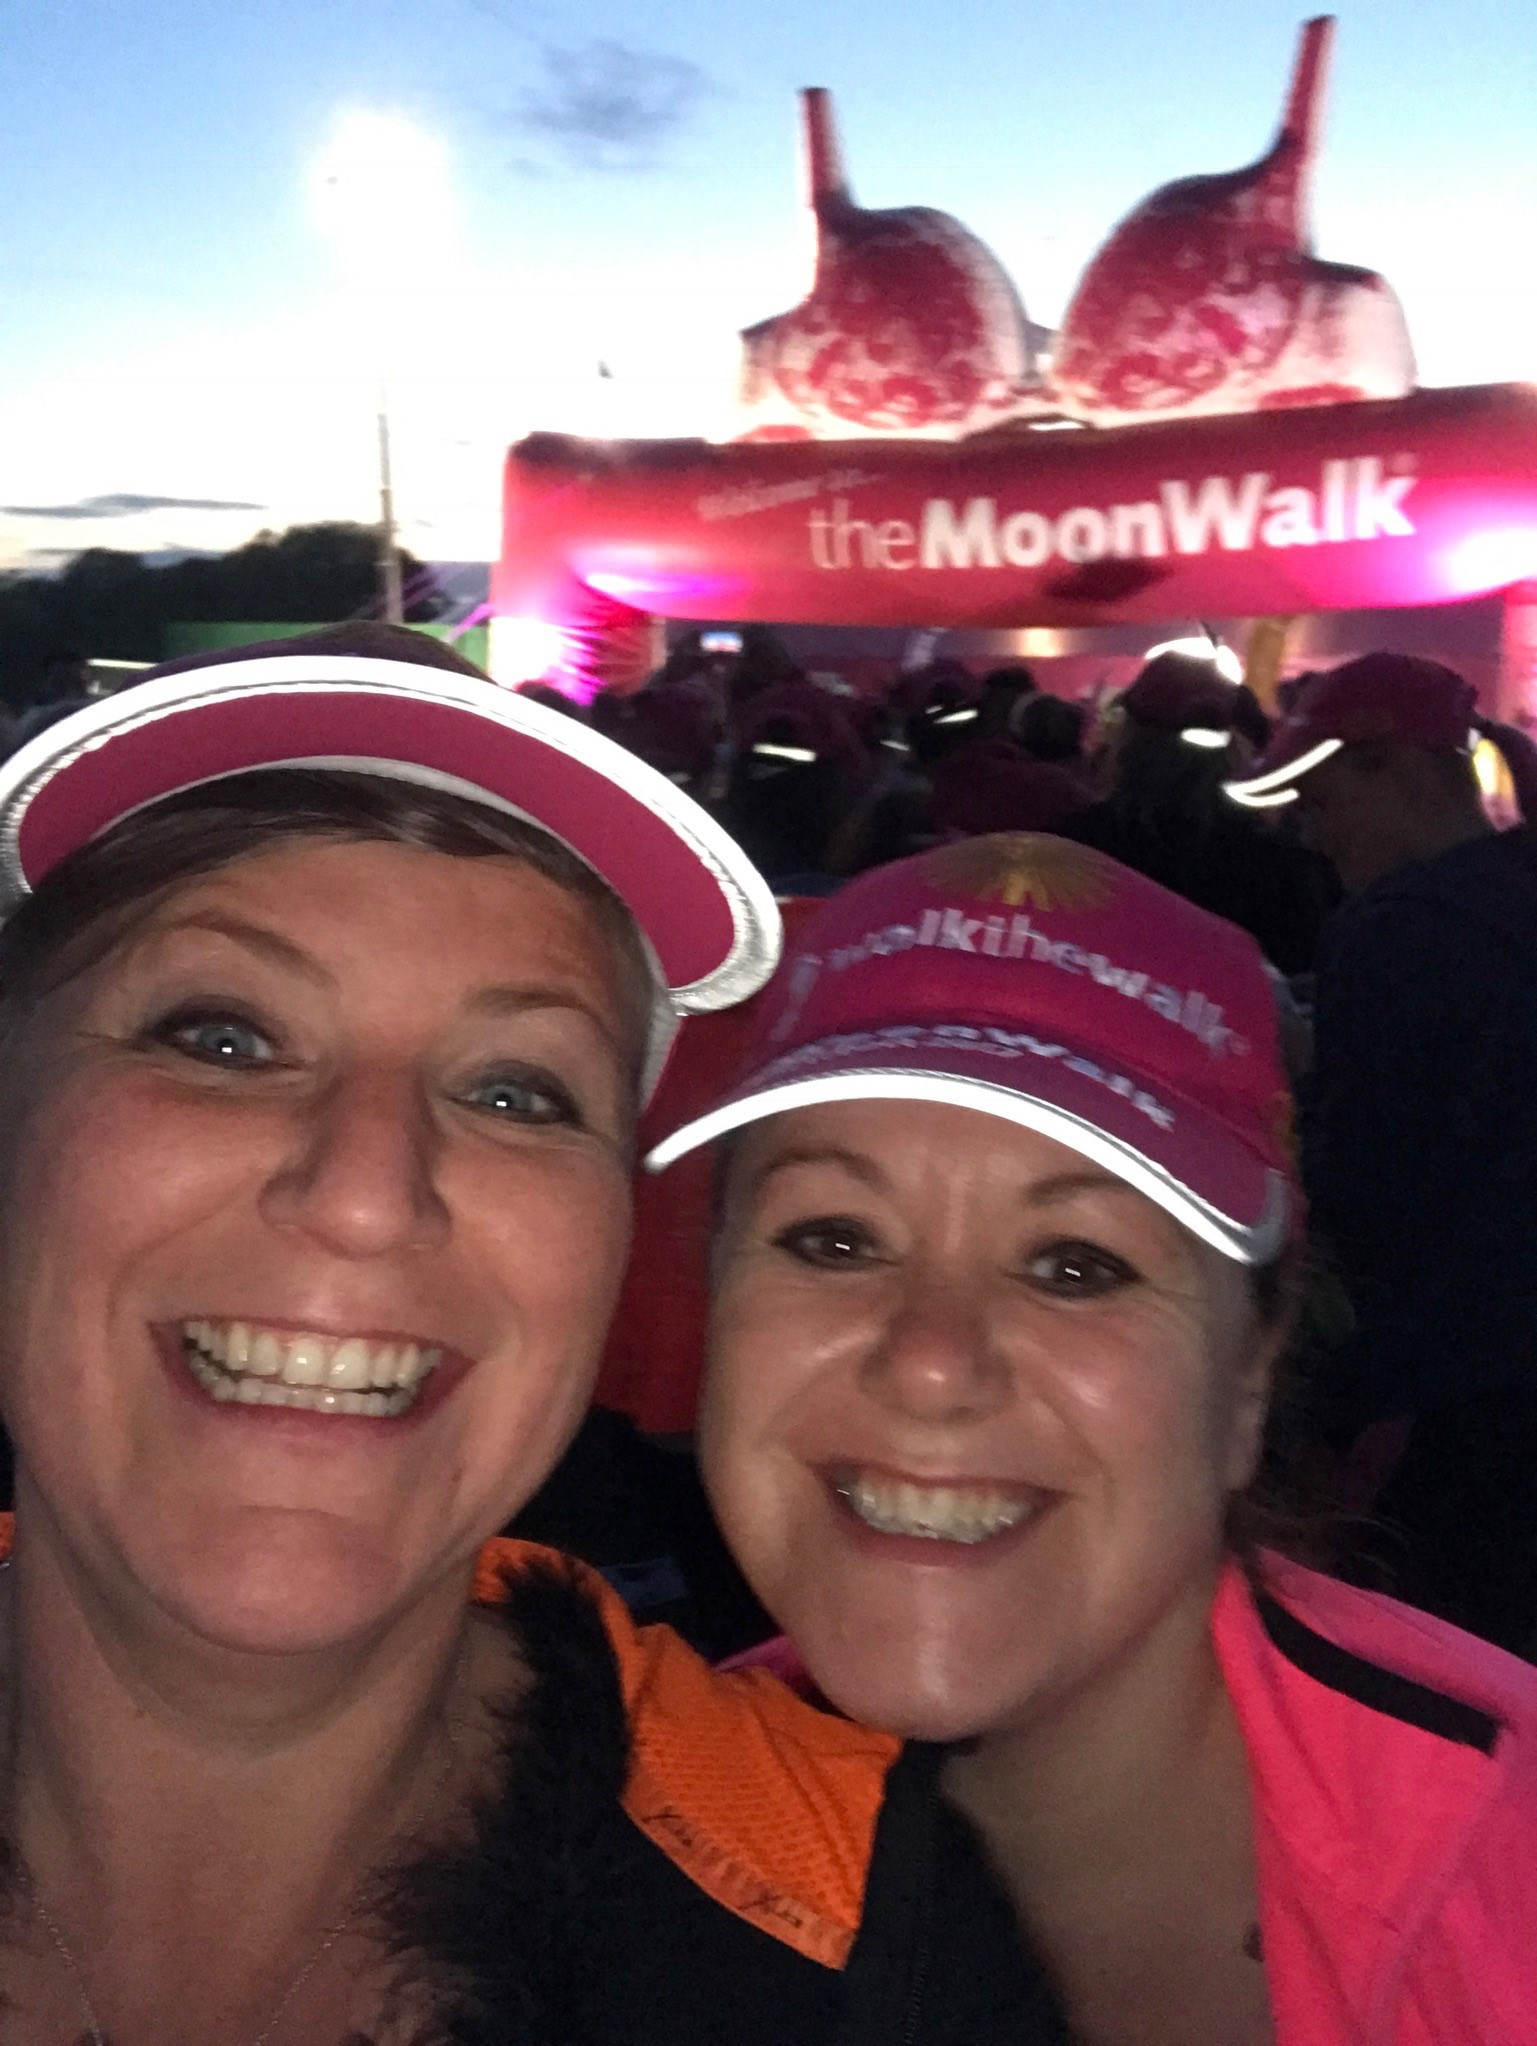 Emma Budge and walking partner Karen at The MoonWalk London 2017.